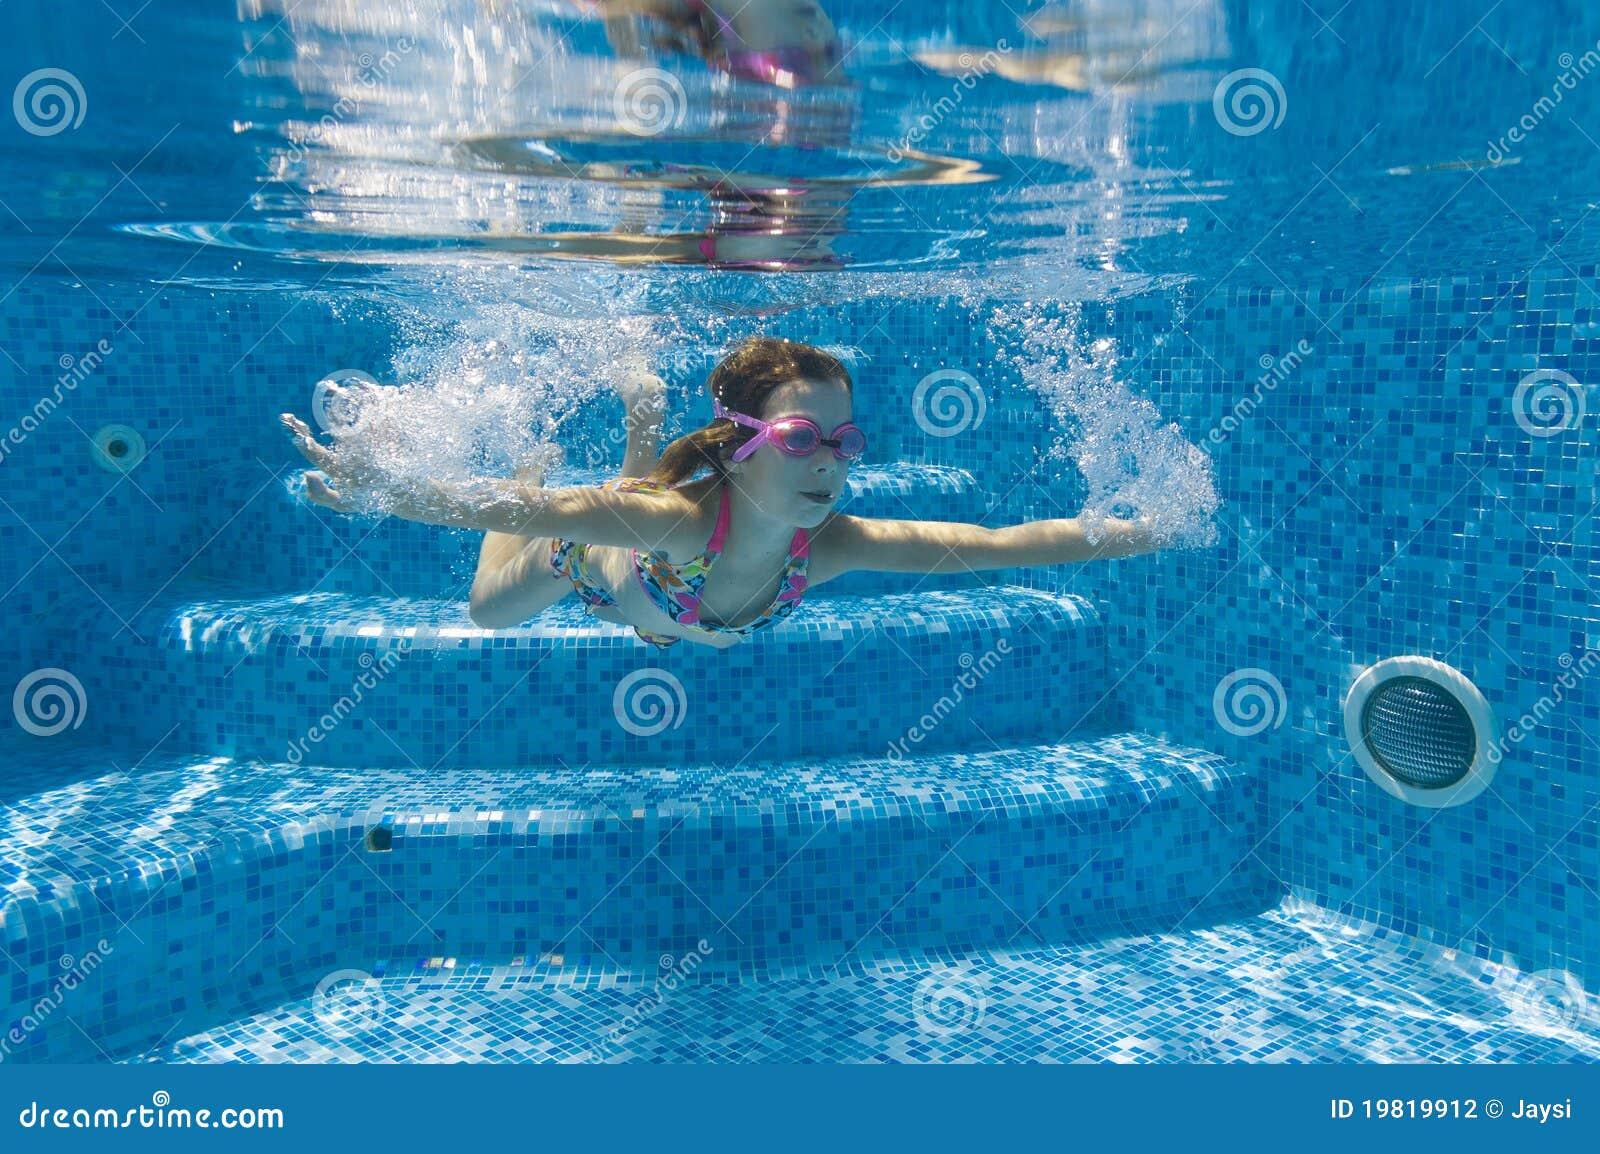 child swimming underwater - photo #45